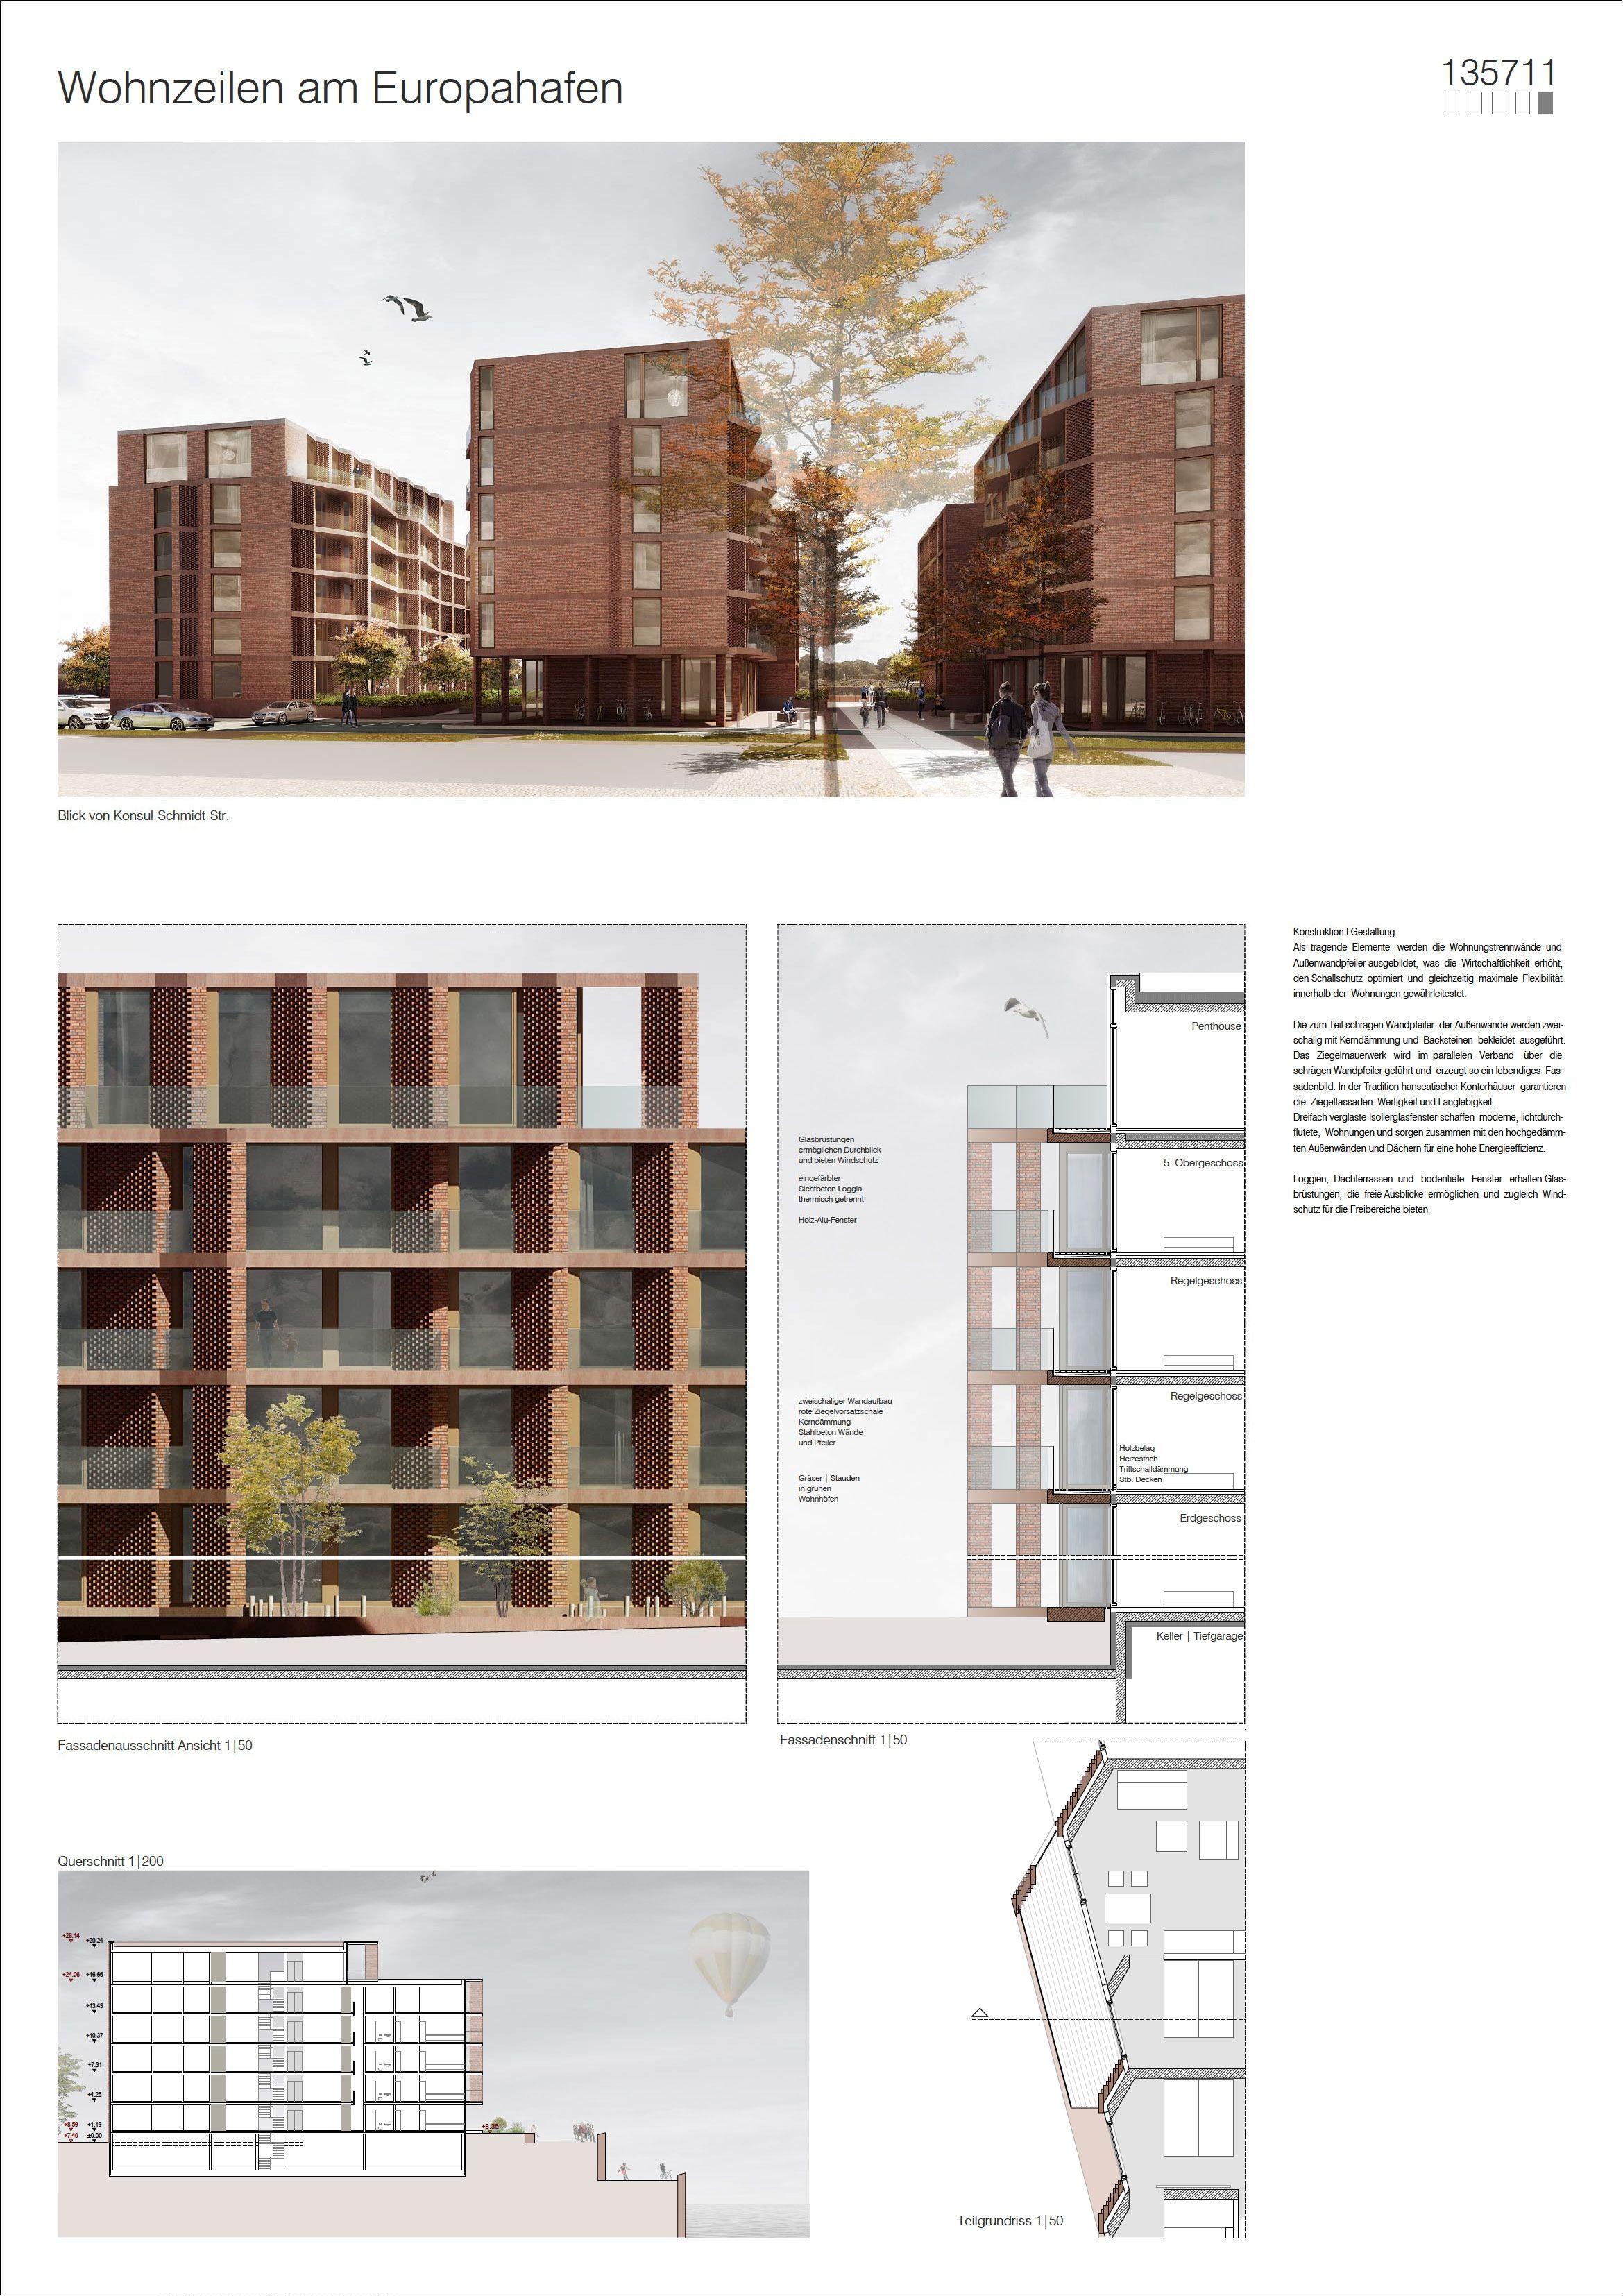 Architekten Weimar a 1st prize for building construction schettler architekten weimar